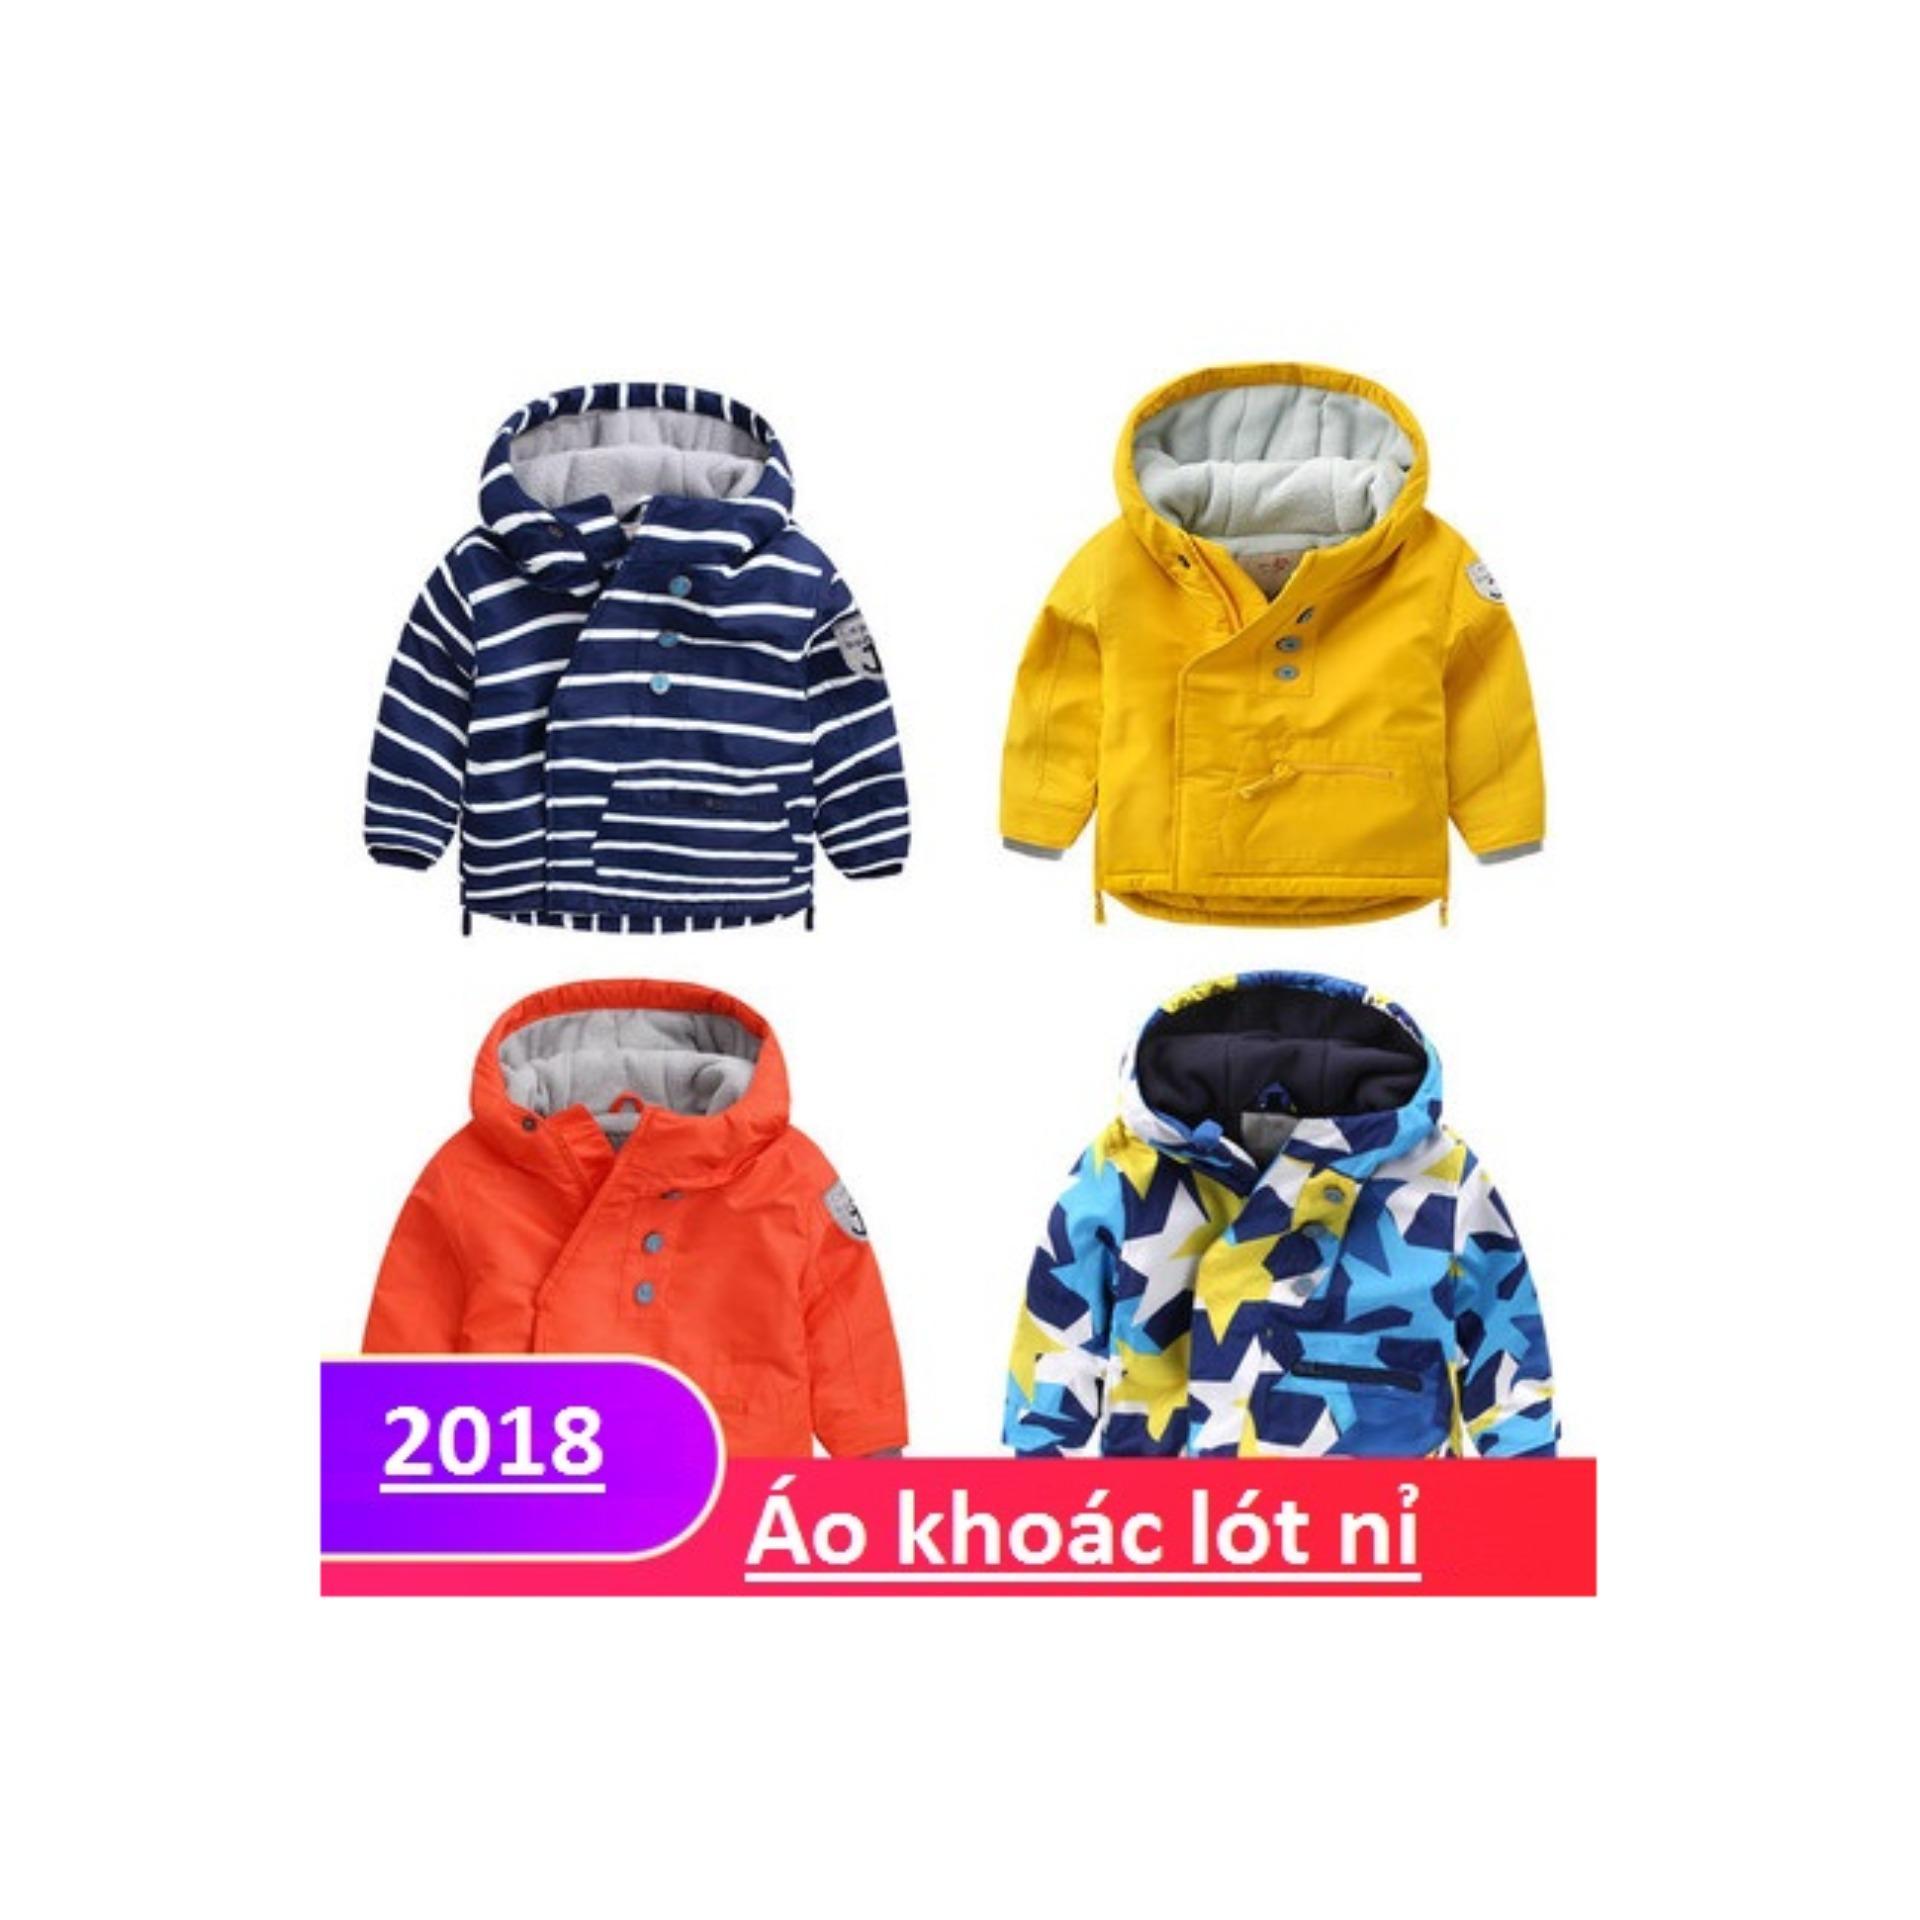 Áo Khoác cho bé trai kiểu dáng 2018 (Hình ngôi sao)